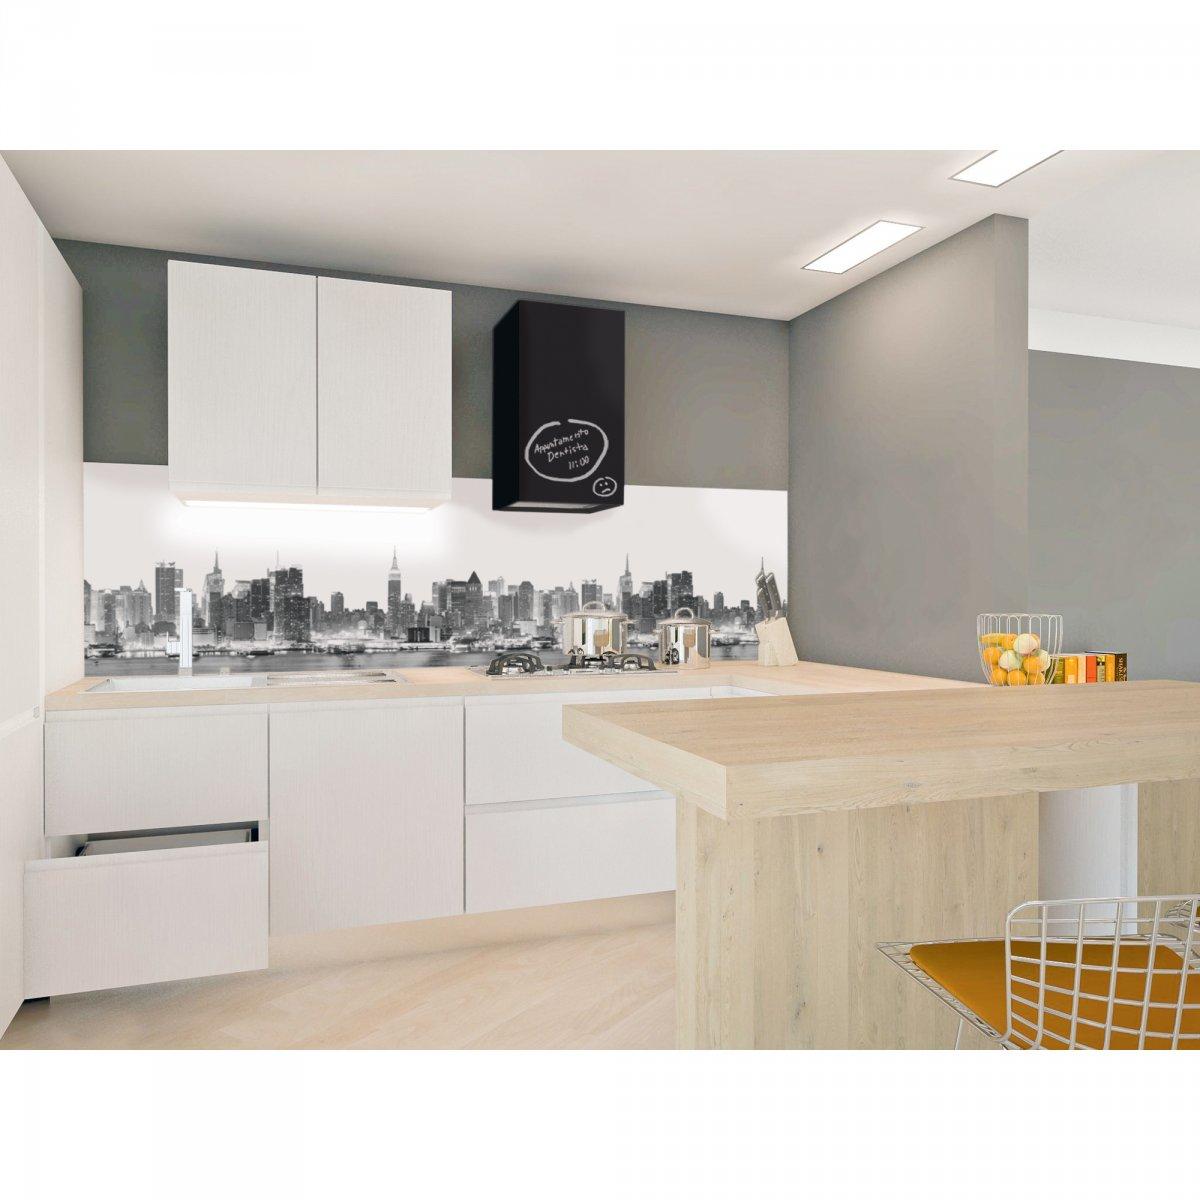 Coolors pannello ny black white alto l305 coolors cucina e accessori pannelli cucina coolors - Pannelli cucina ...